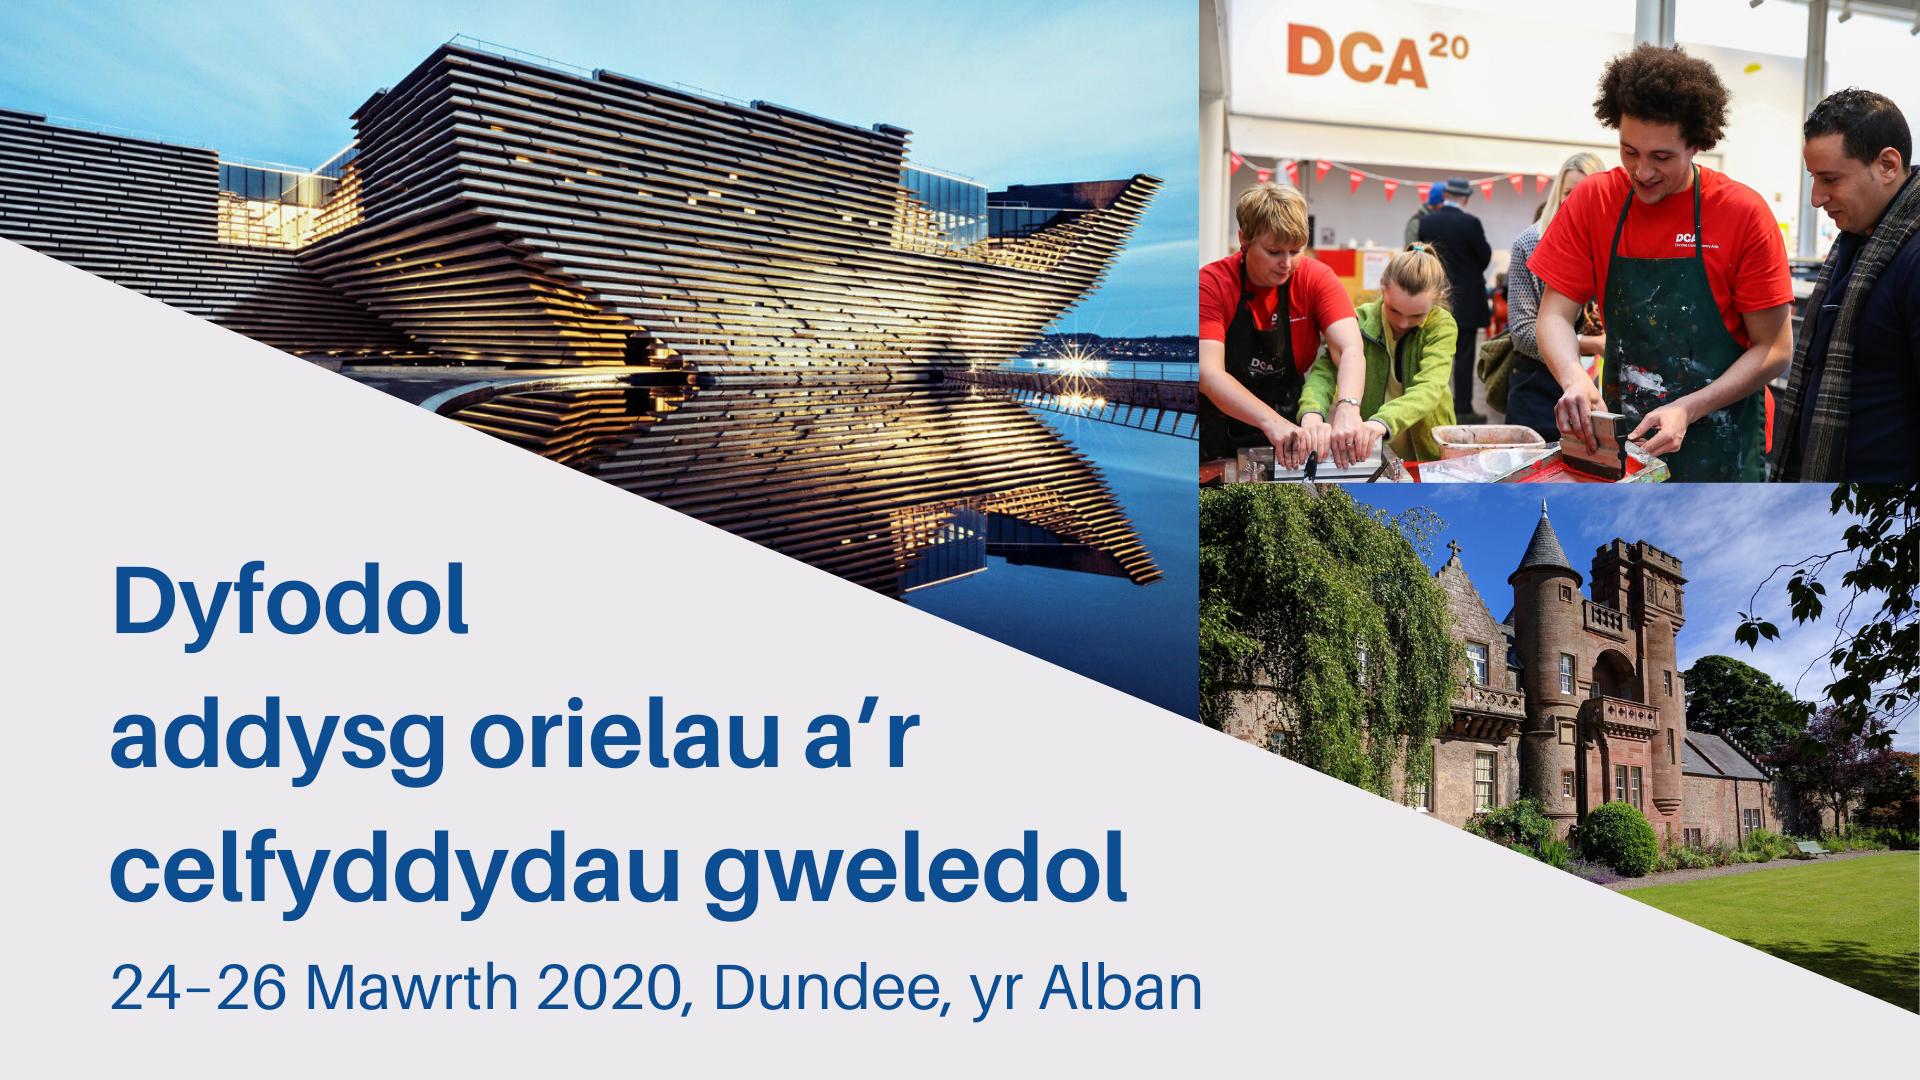 Dyfodol addysg orielau a'r celfyddydau gweledol, 24–26 Mawrth 2020, Dundee, yr Alban